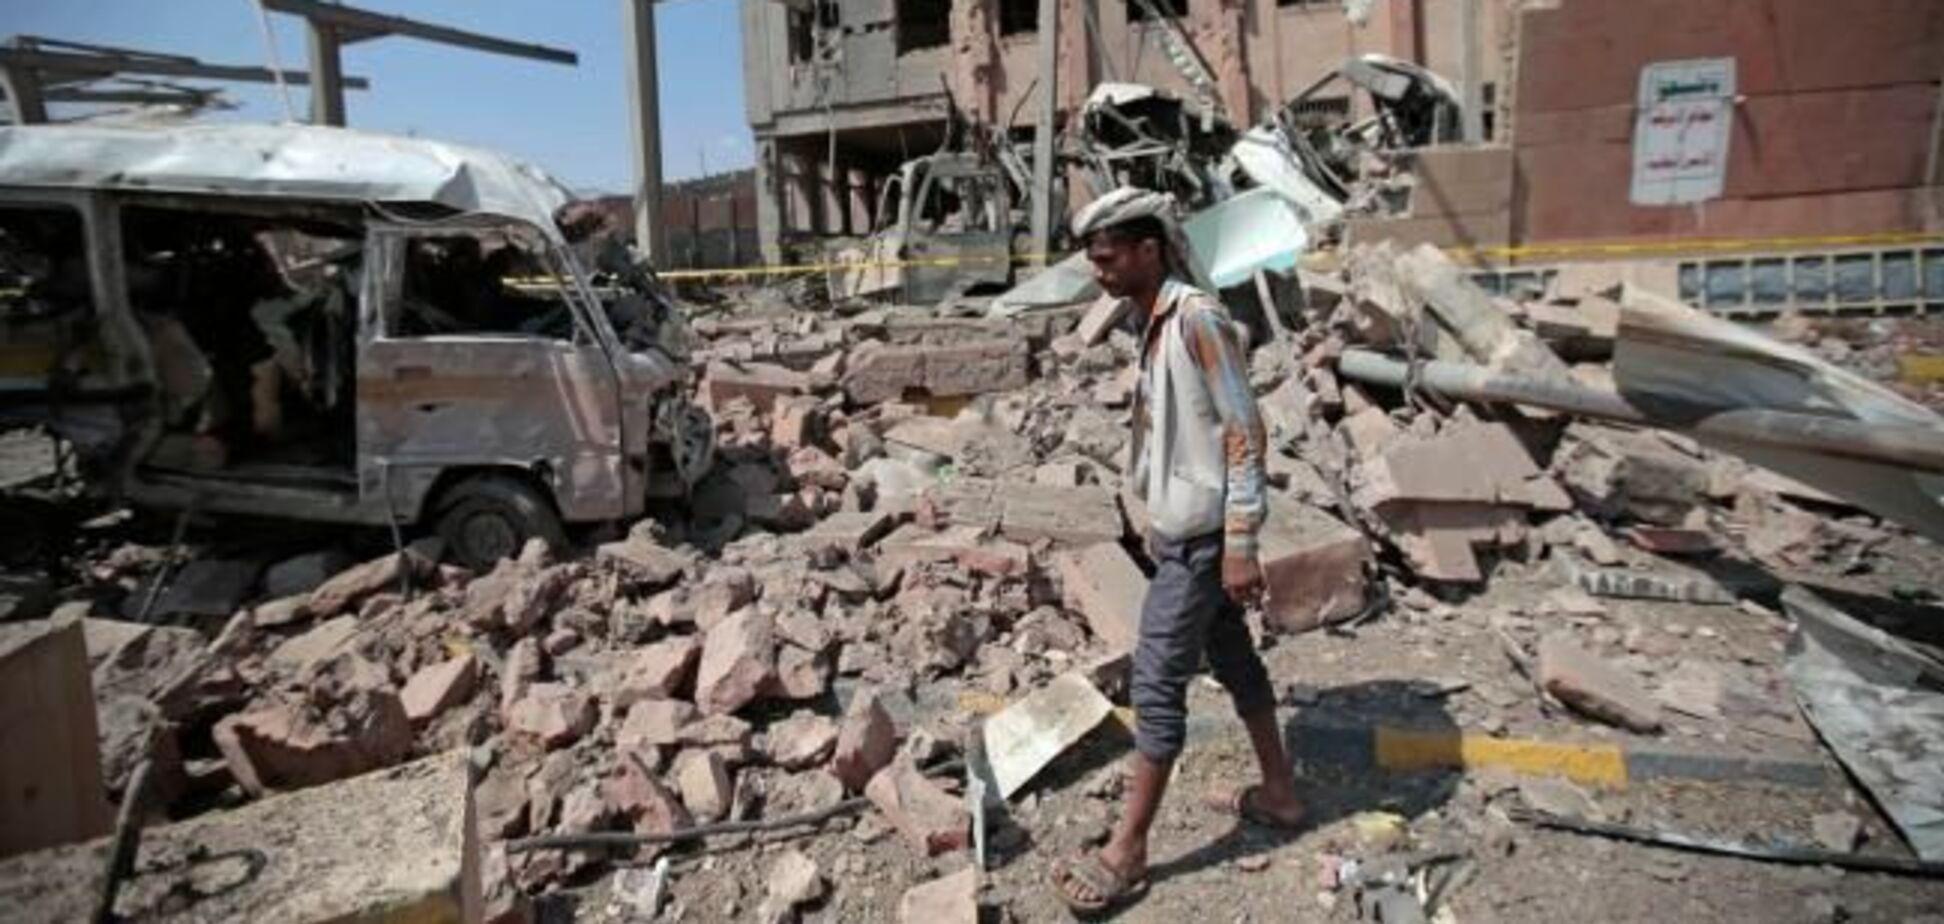 В Перу произошло мощное землетрясение: специалисты оценили угрозу цунами